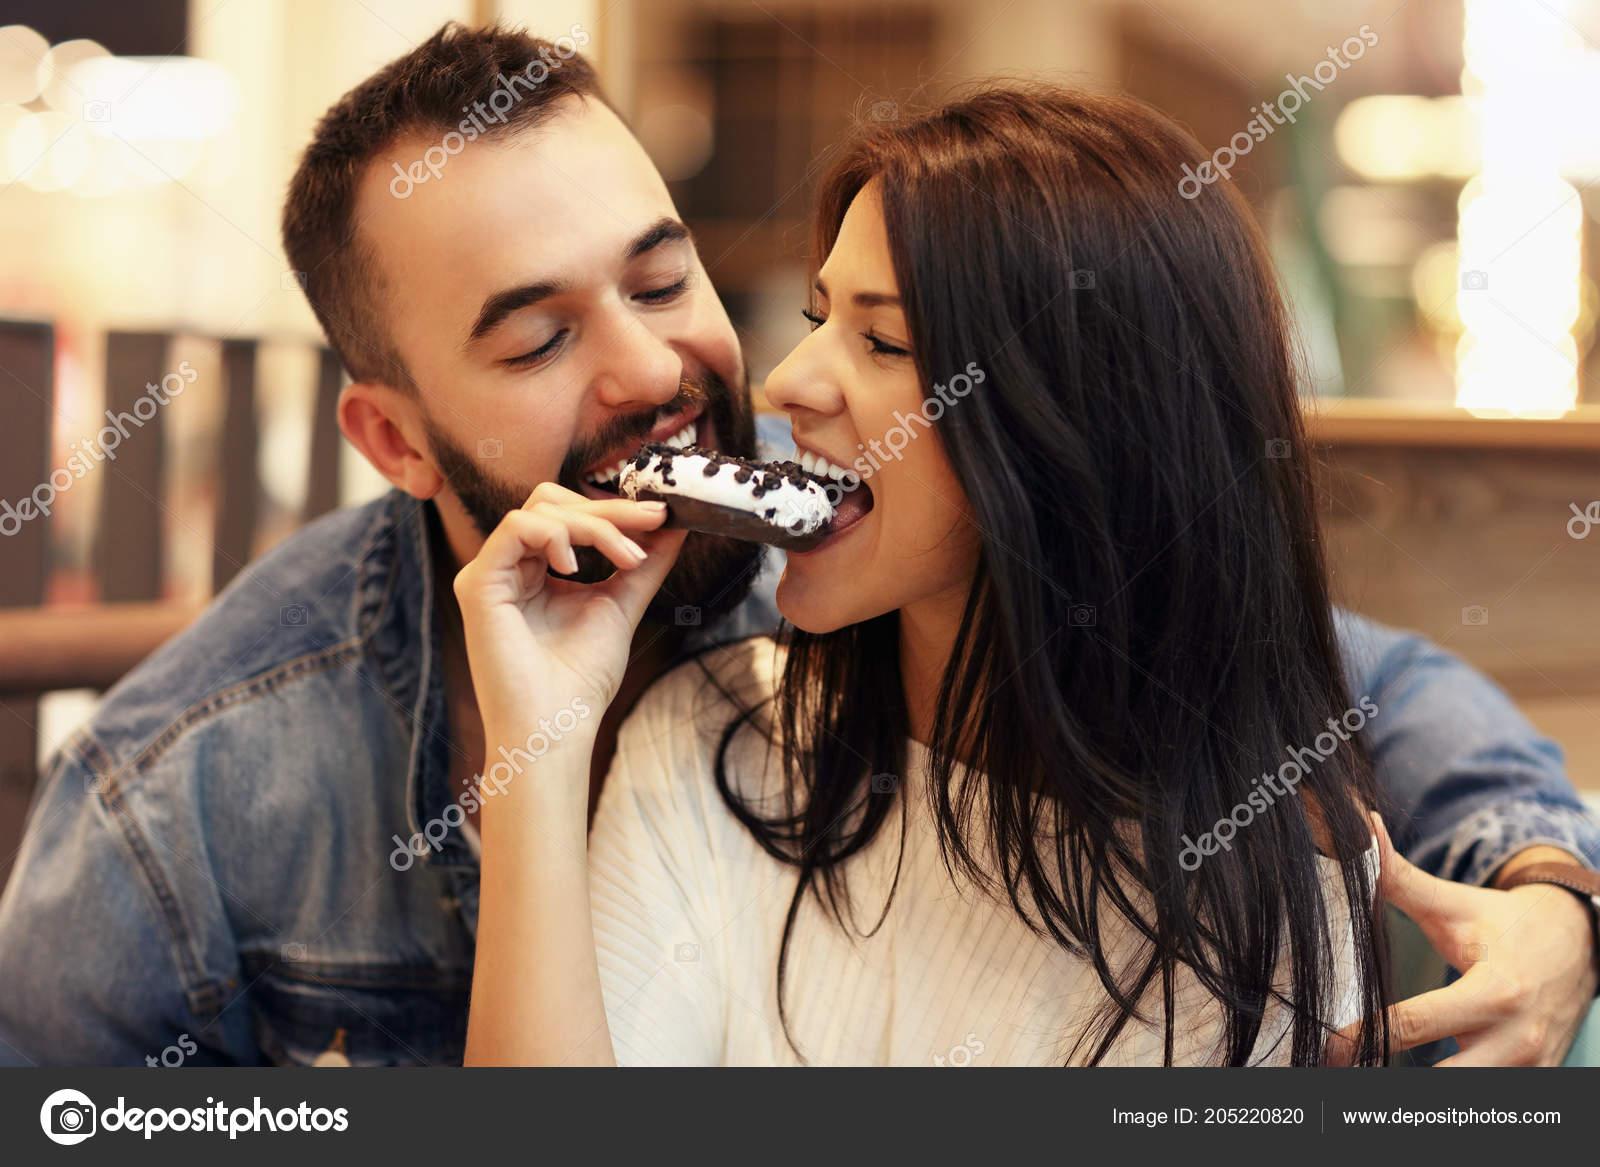 dating stock photos